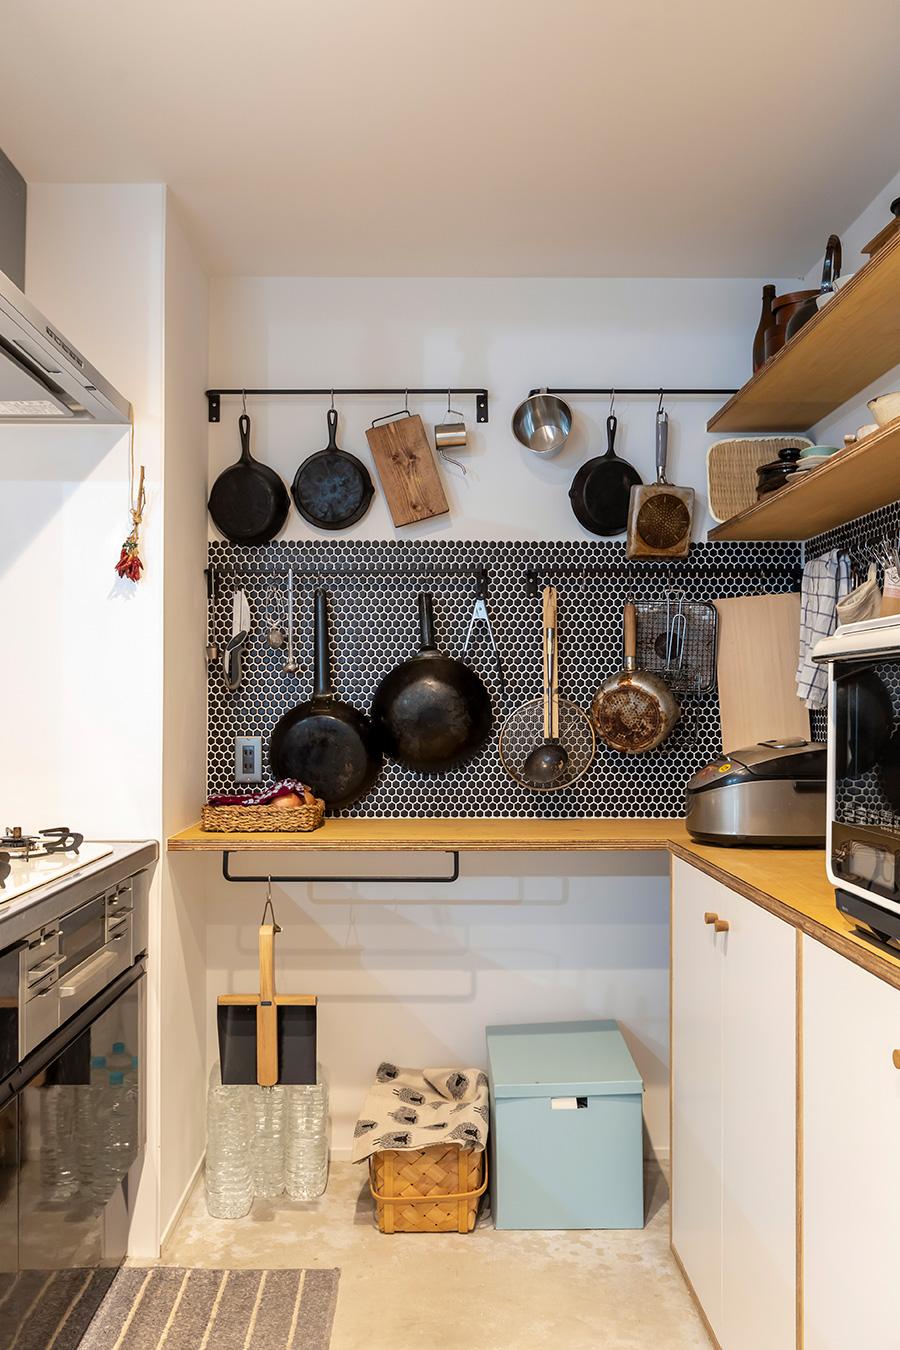 6角形のタイルを部分的にあしらい、キッチンツールを吊るして収納。すぐに手に取ることができて便利。調理器具は夫の愛用品。